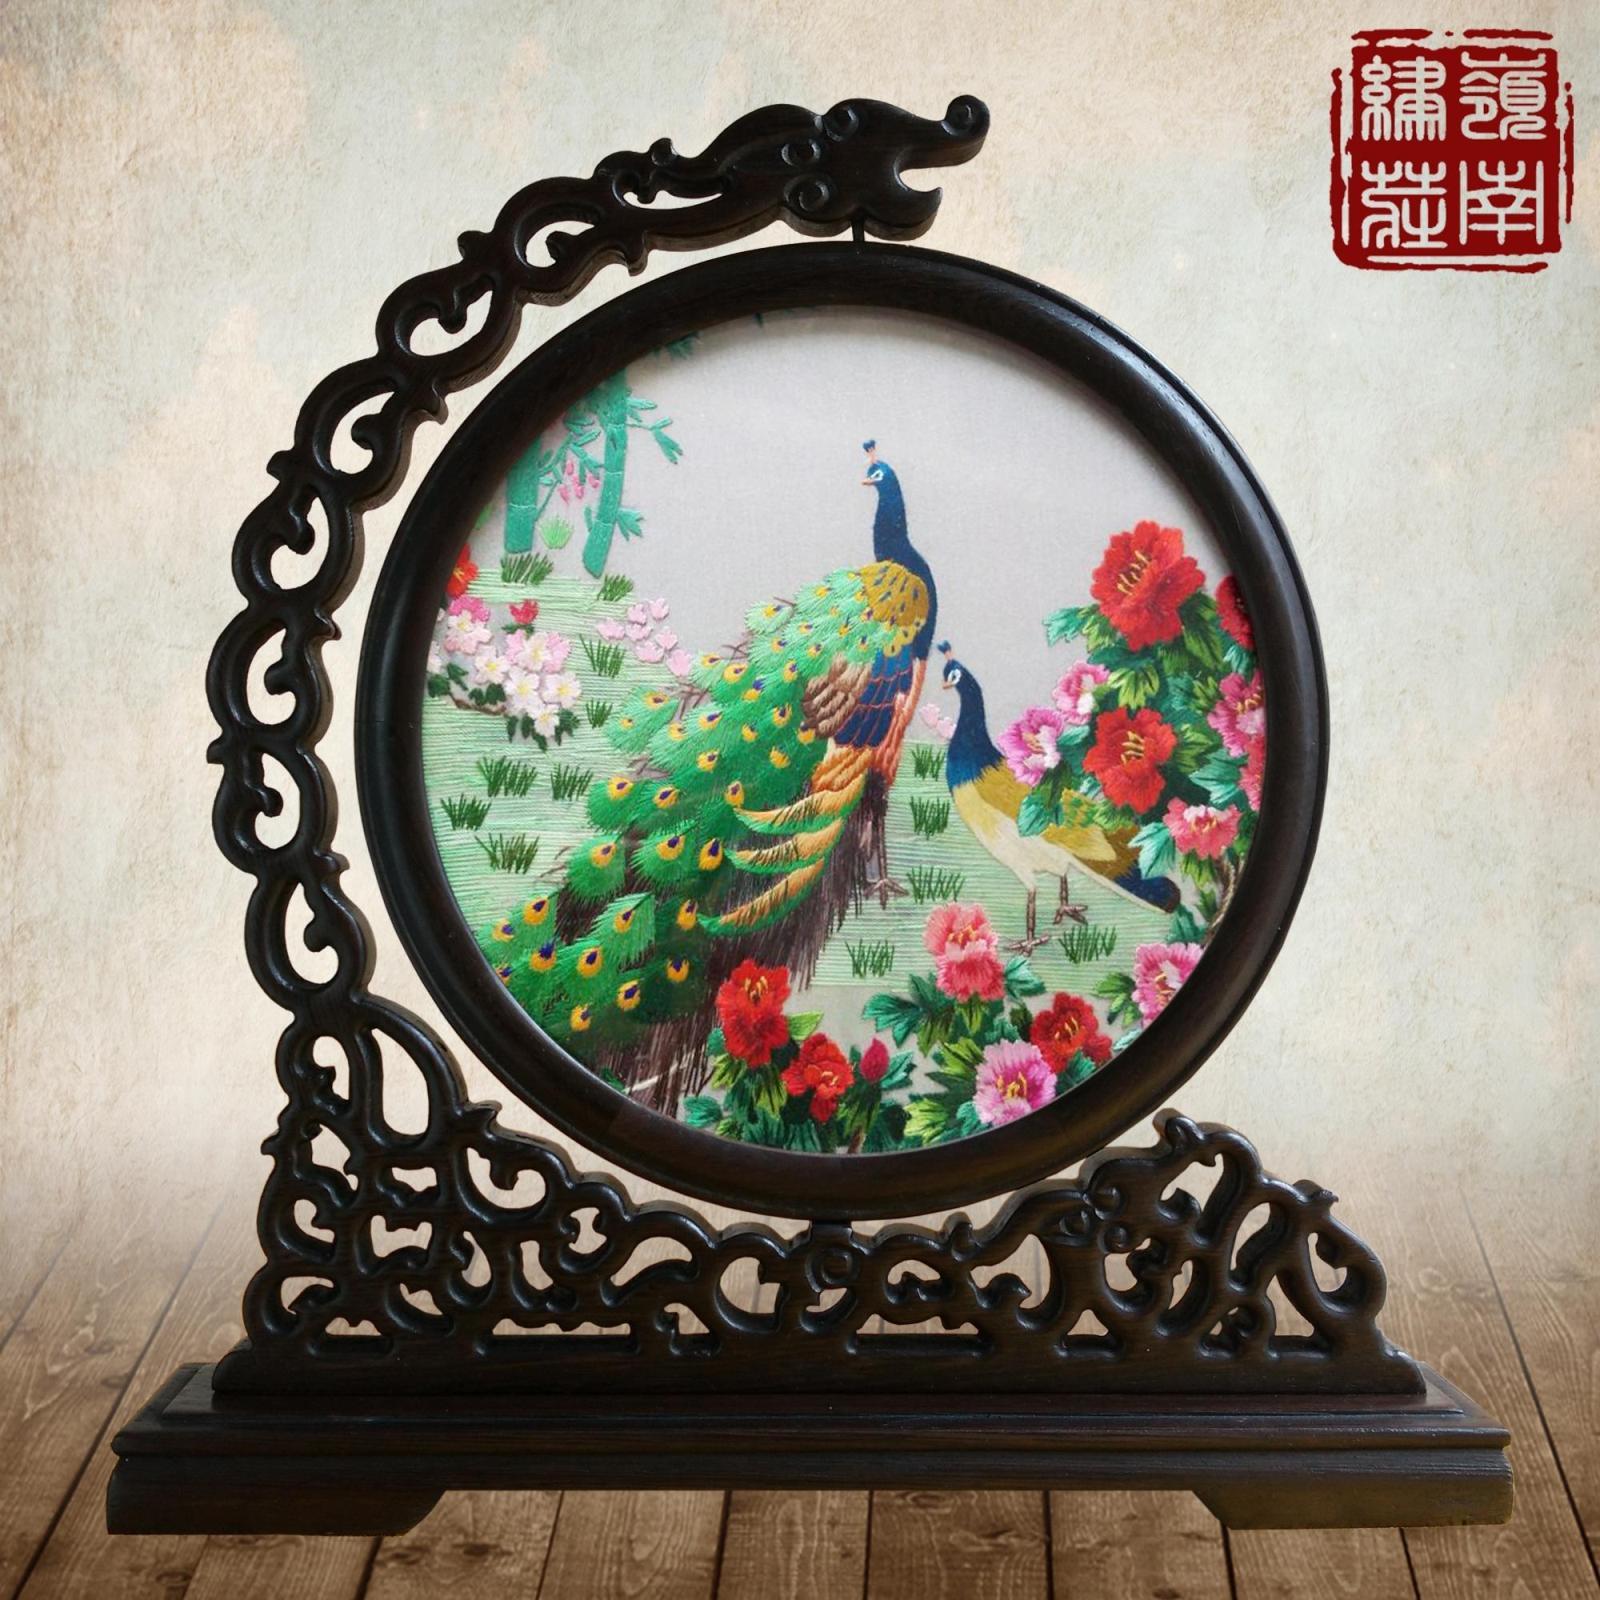 Широкий вышивать провинция гуандун вышивать волна вышивать характеристика ручной работы искусство традиция вышивка бутик китайский ветер бизнес подарок домой украшение вводить партнер